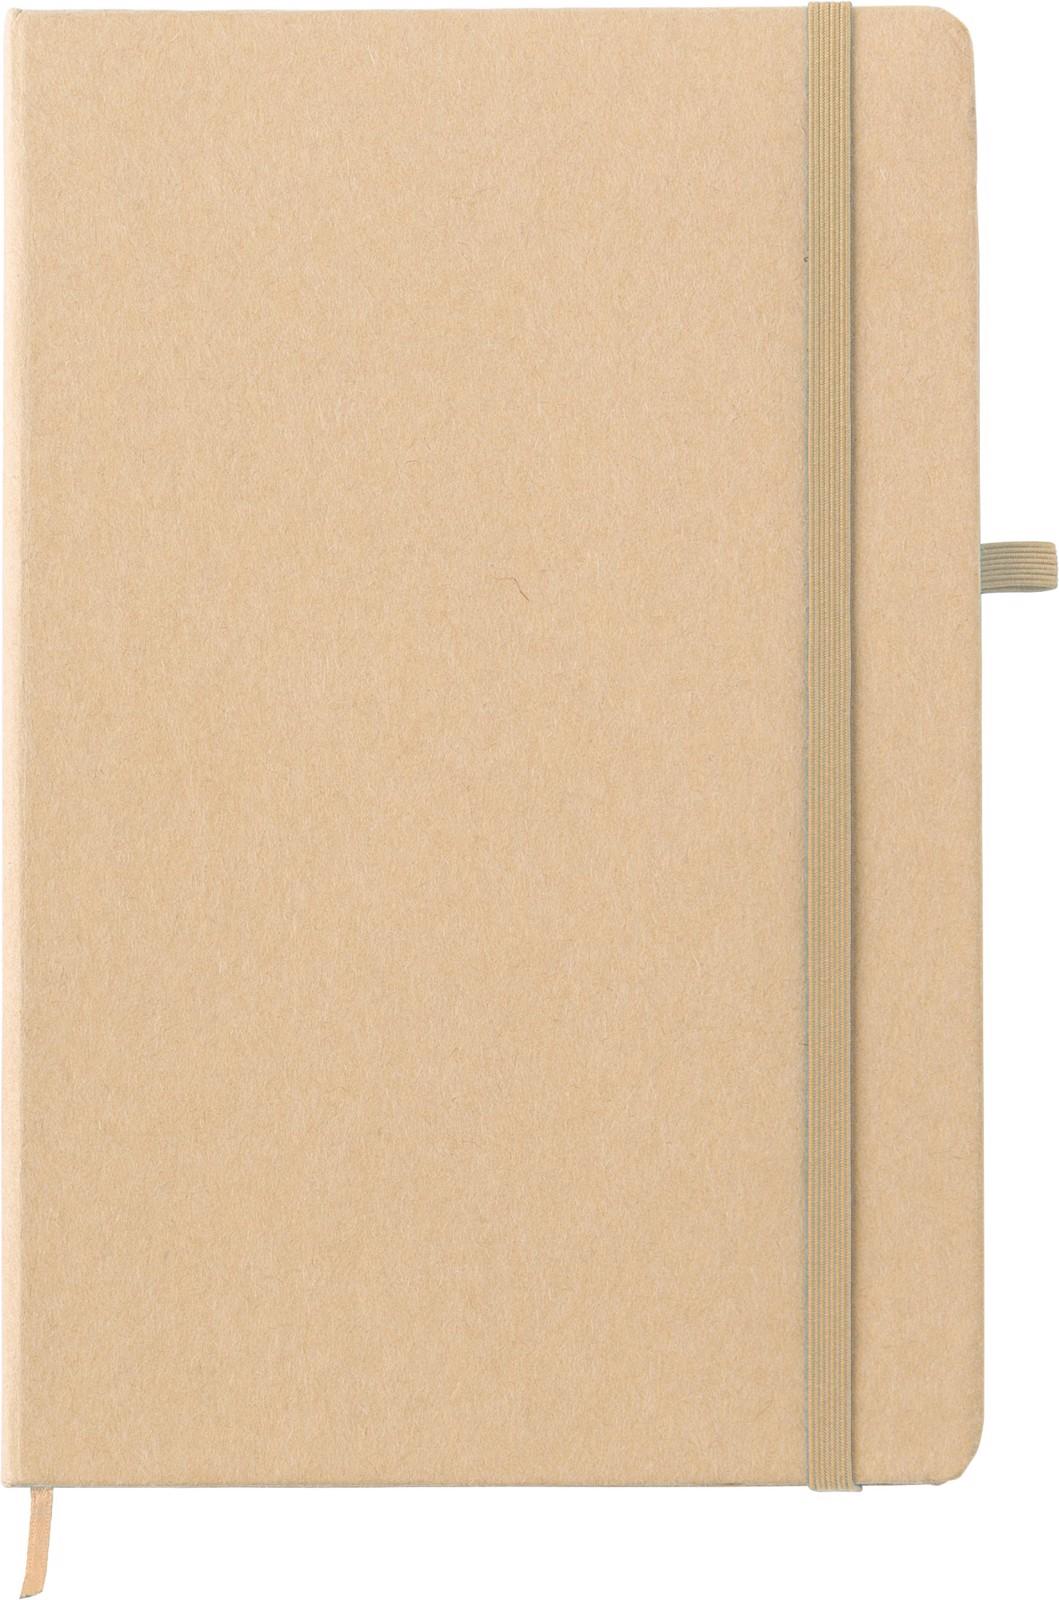 Stonepaper notebook - Khaki